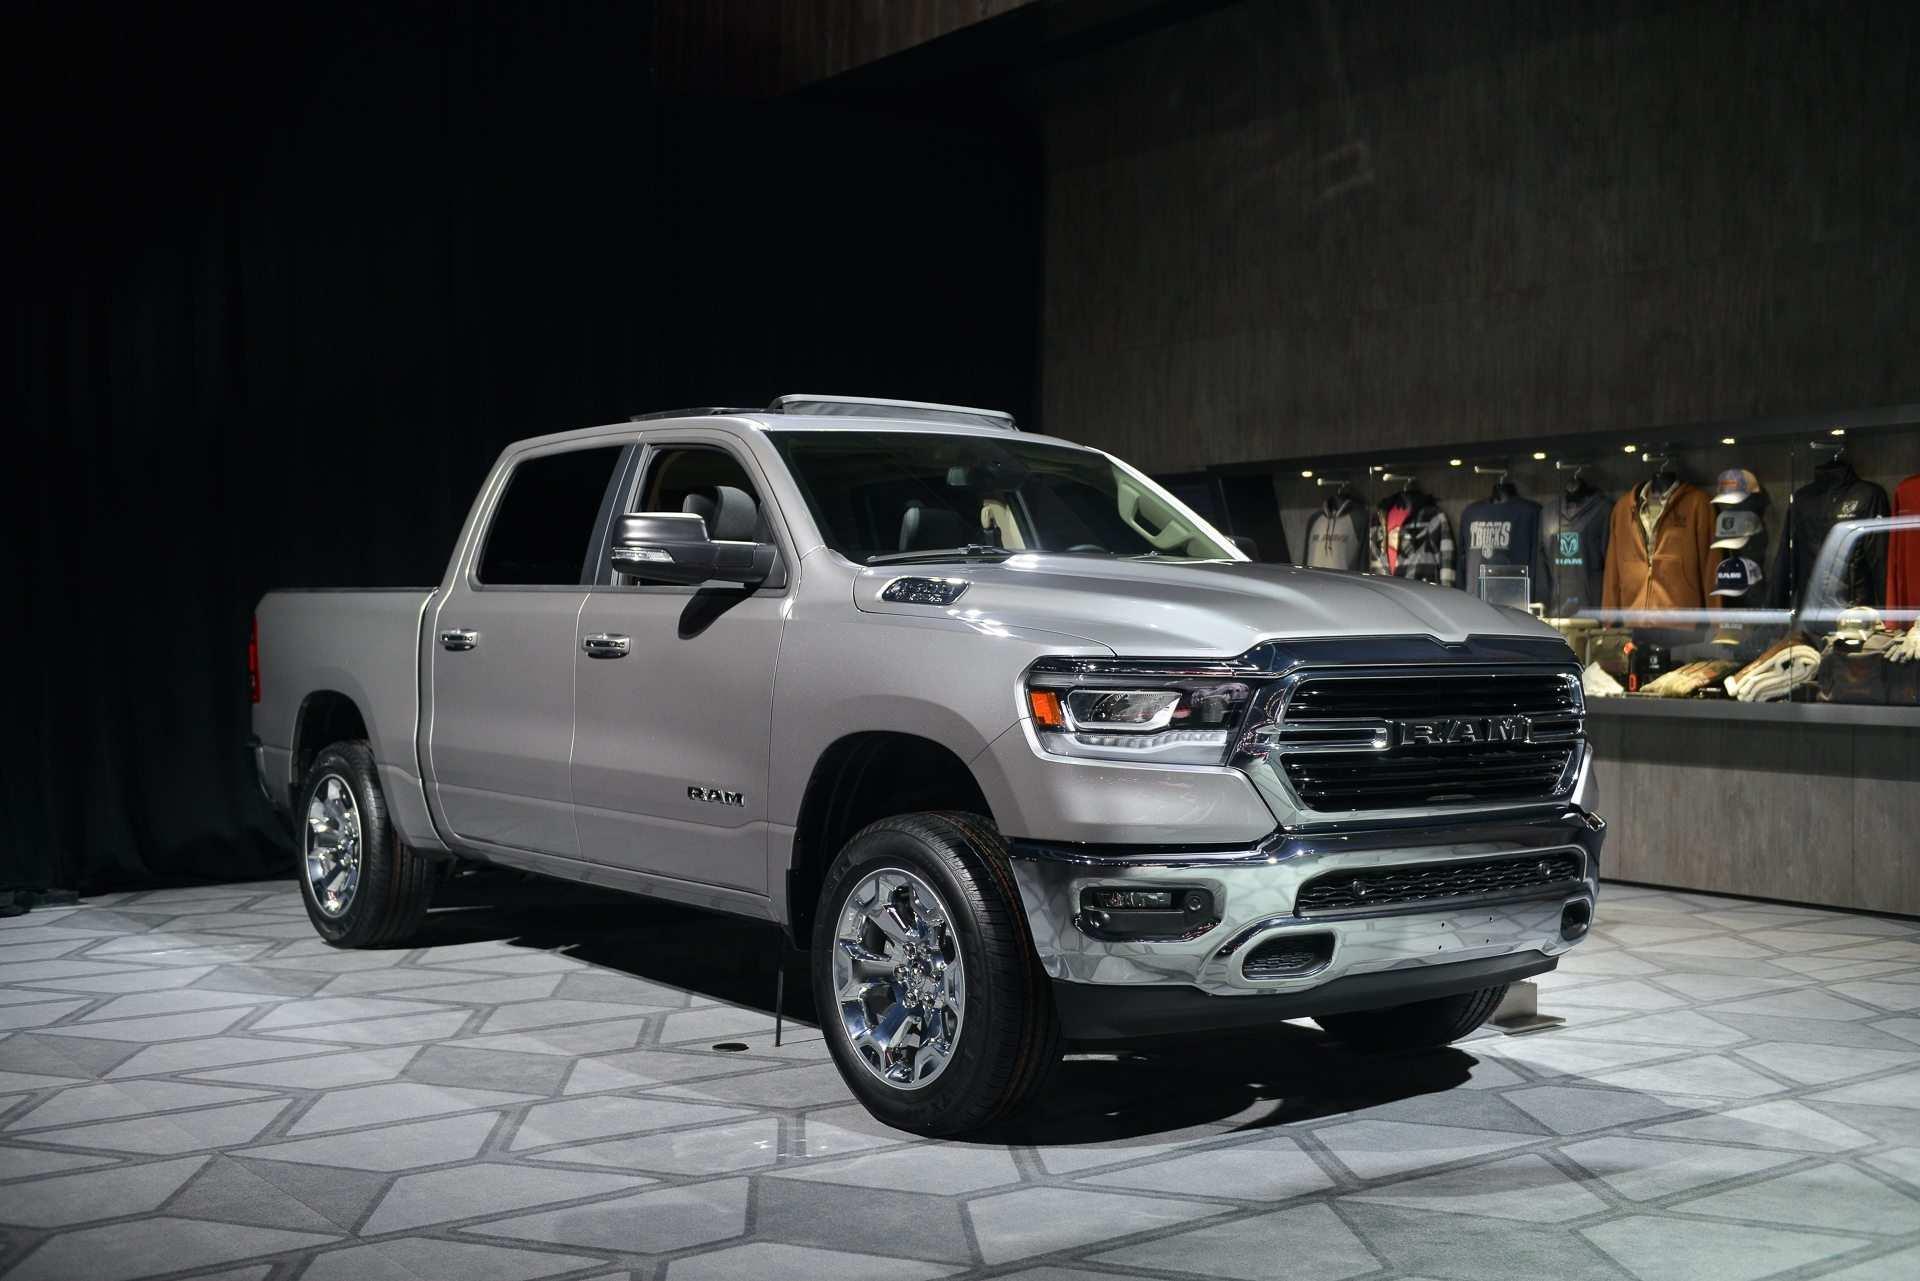 36 The 2019 Dodge 1500 Diesel Reviews with 2019 Dodge 1500 Diesel